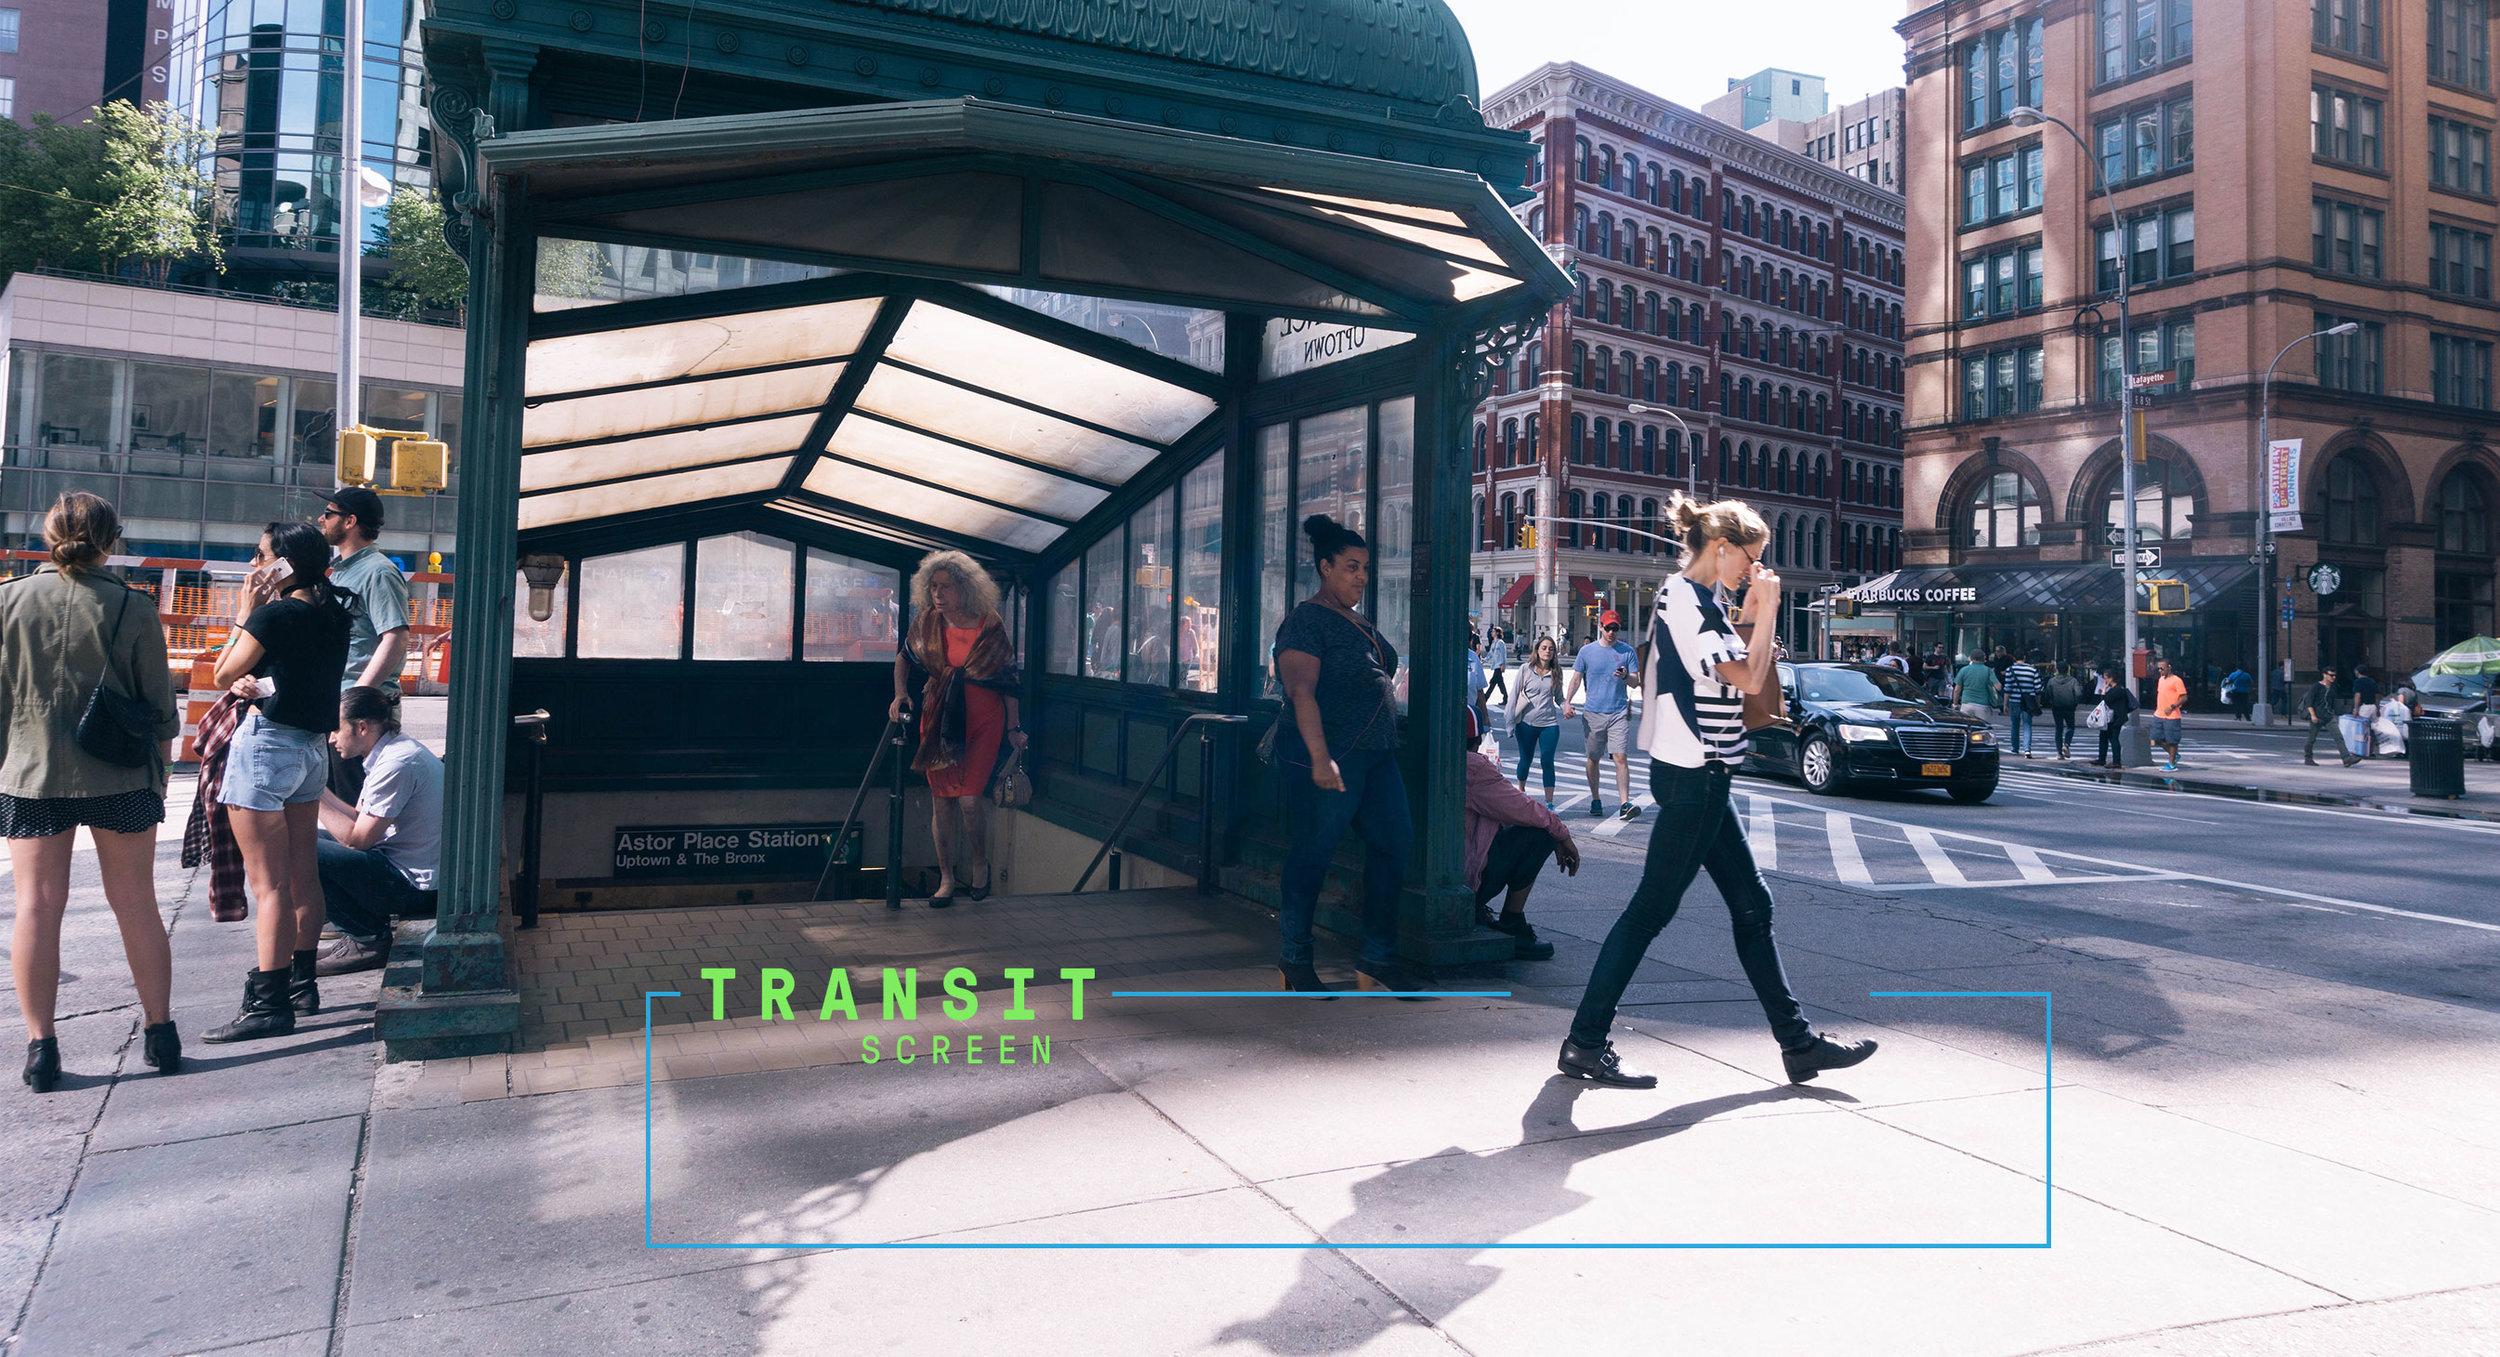 transitscreen_cover2-1345x730@2x.jpg